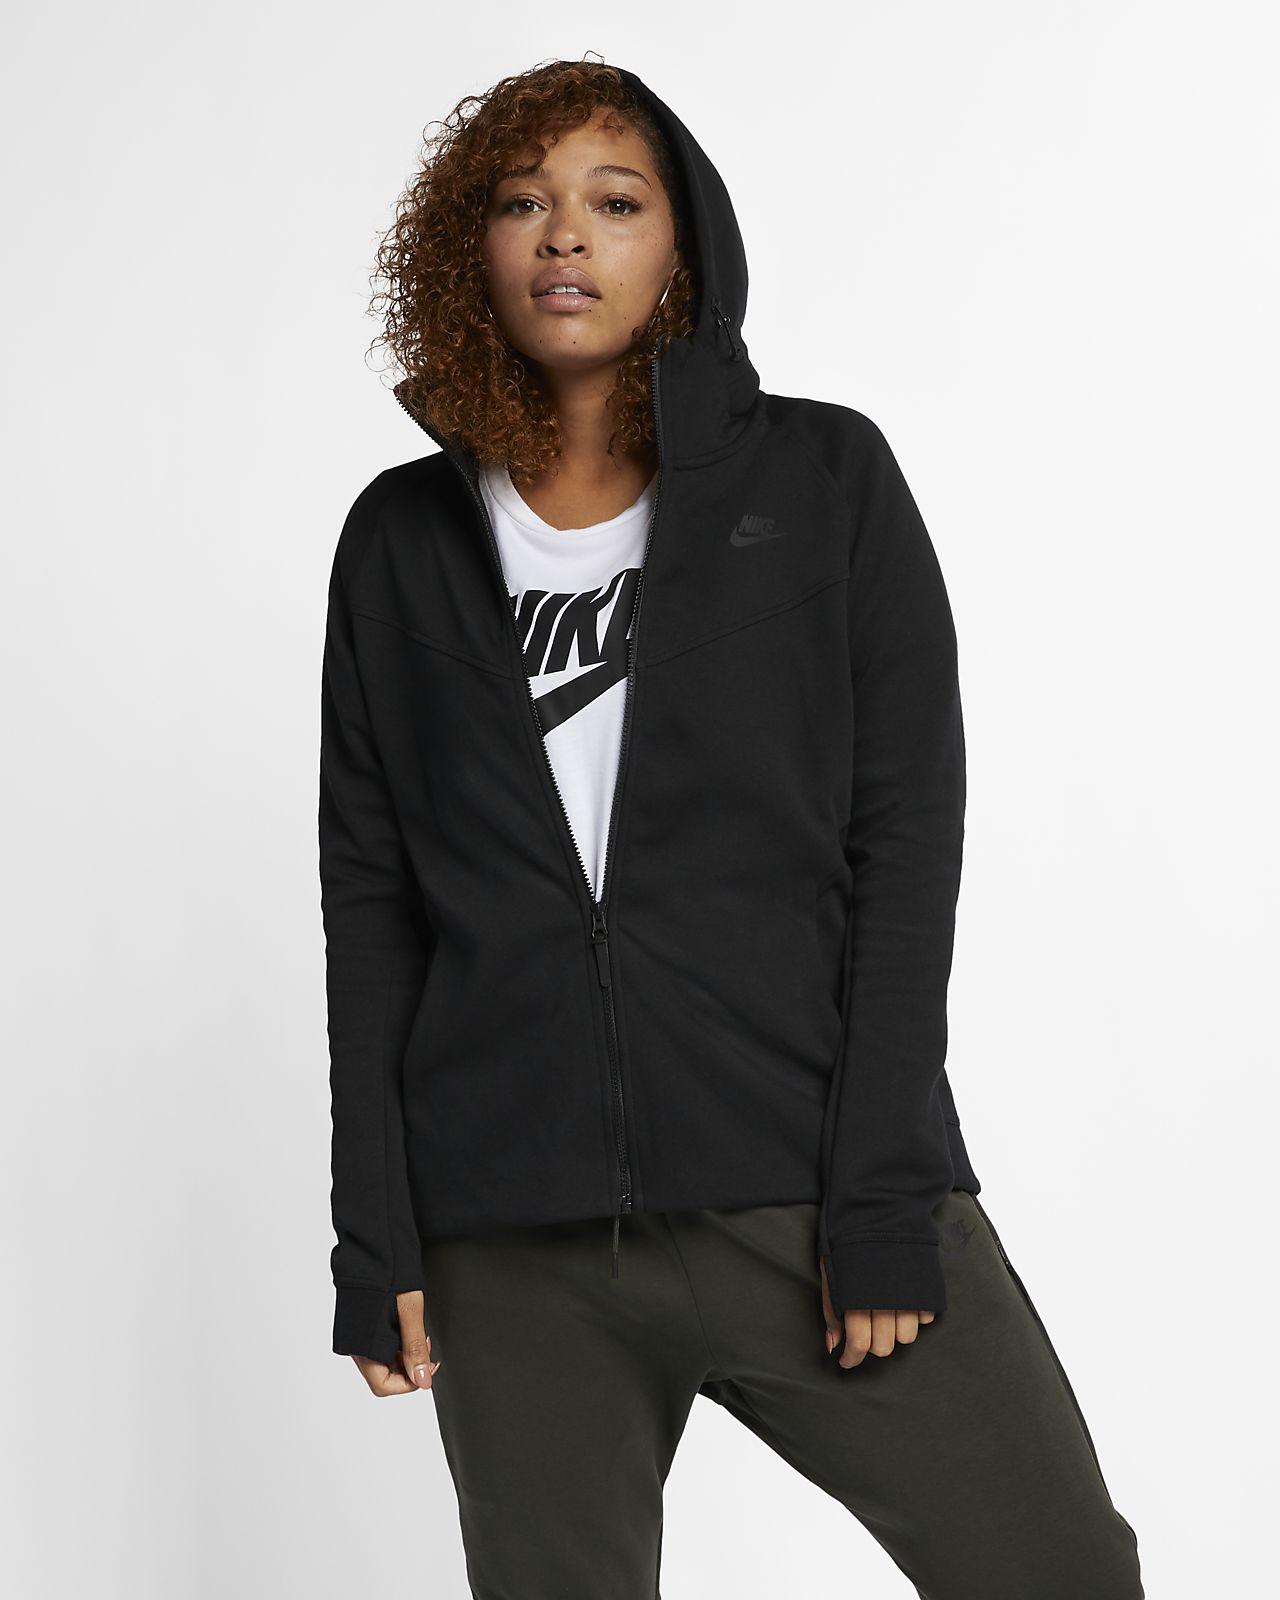 70a0ae6f6da5 Nike Sportswear Tech Fleece (Plus Size) Women s Full-Zip Hoodie ...